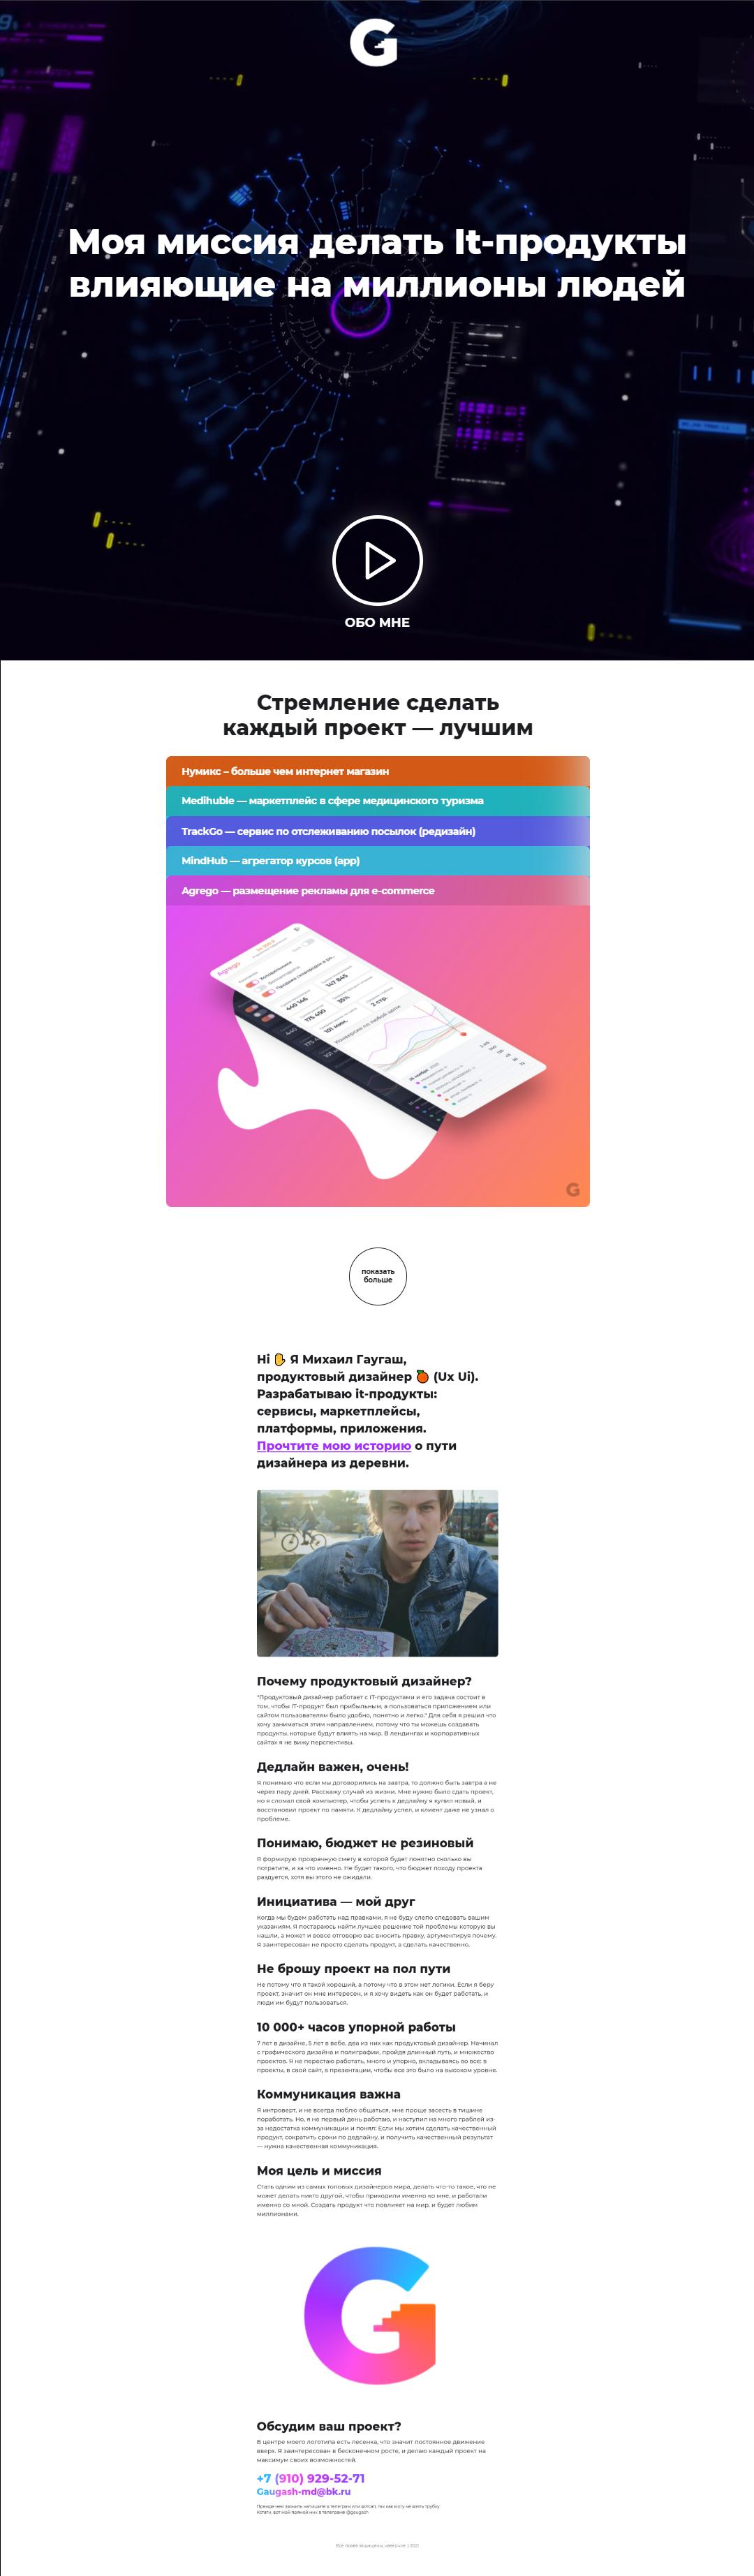 Михаил Гаугаш — продуктовый дизайнер (Ux Ui)